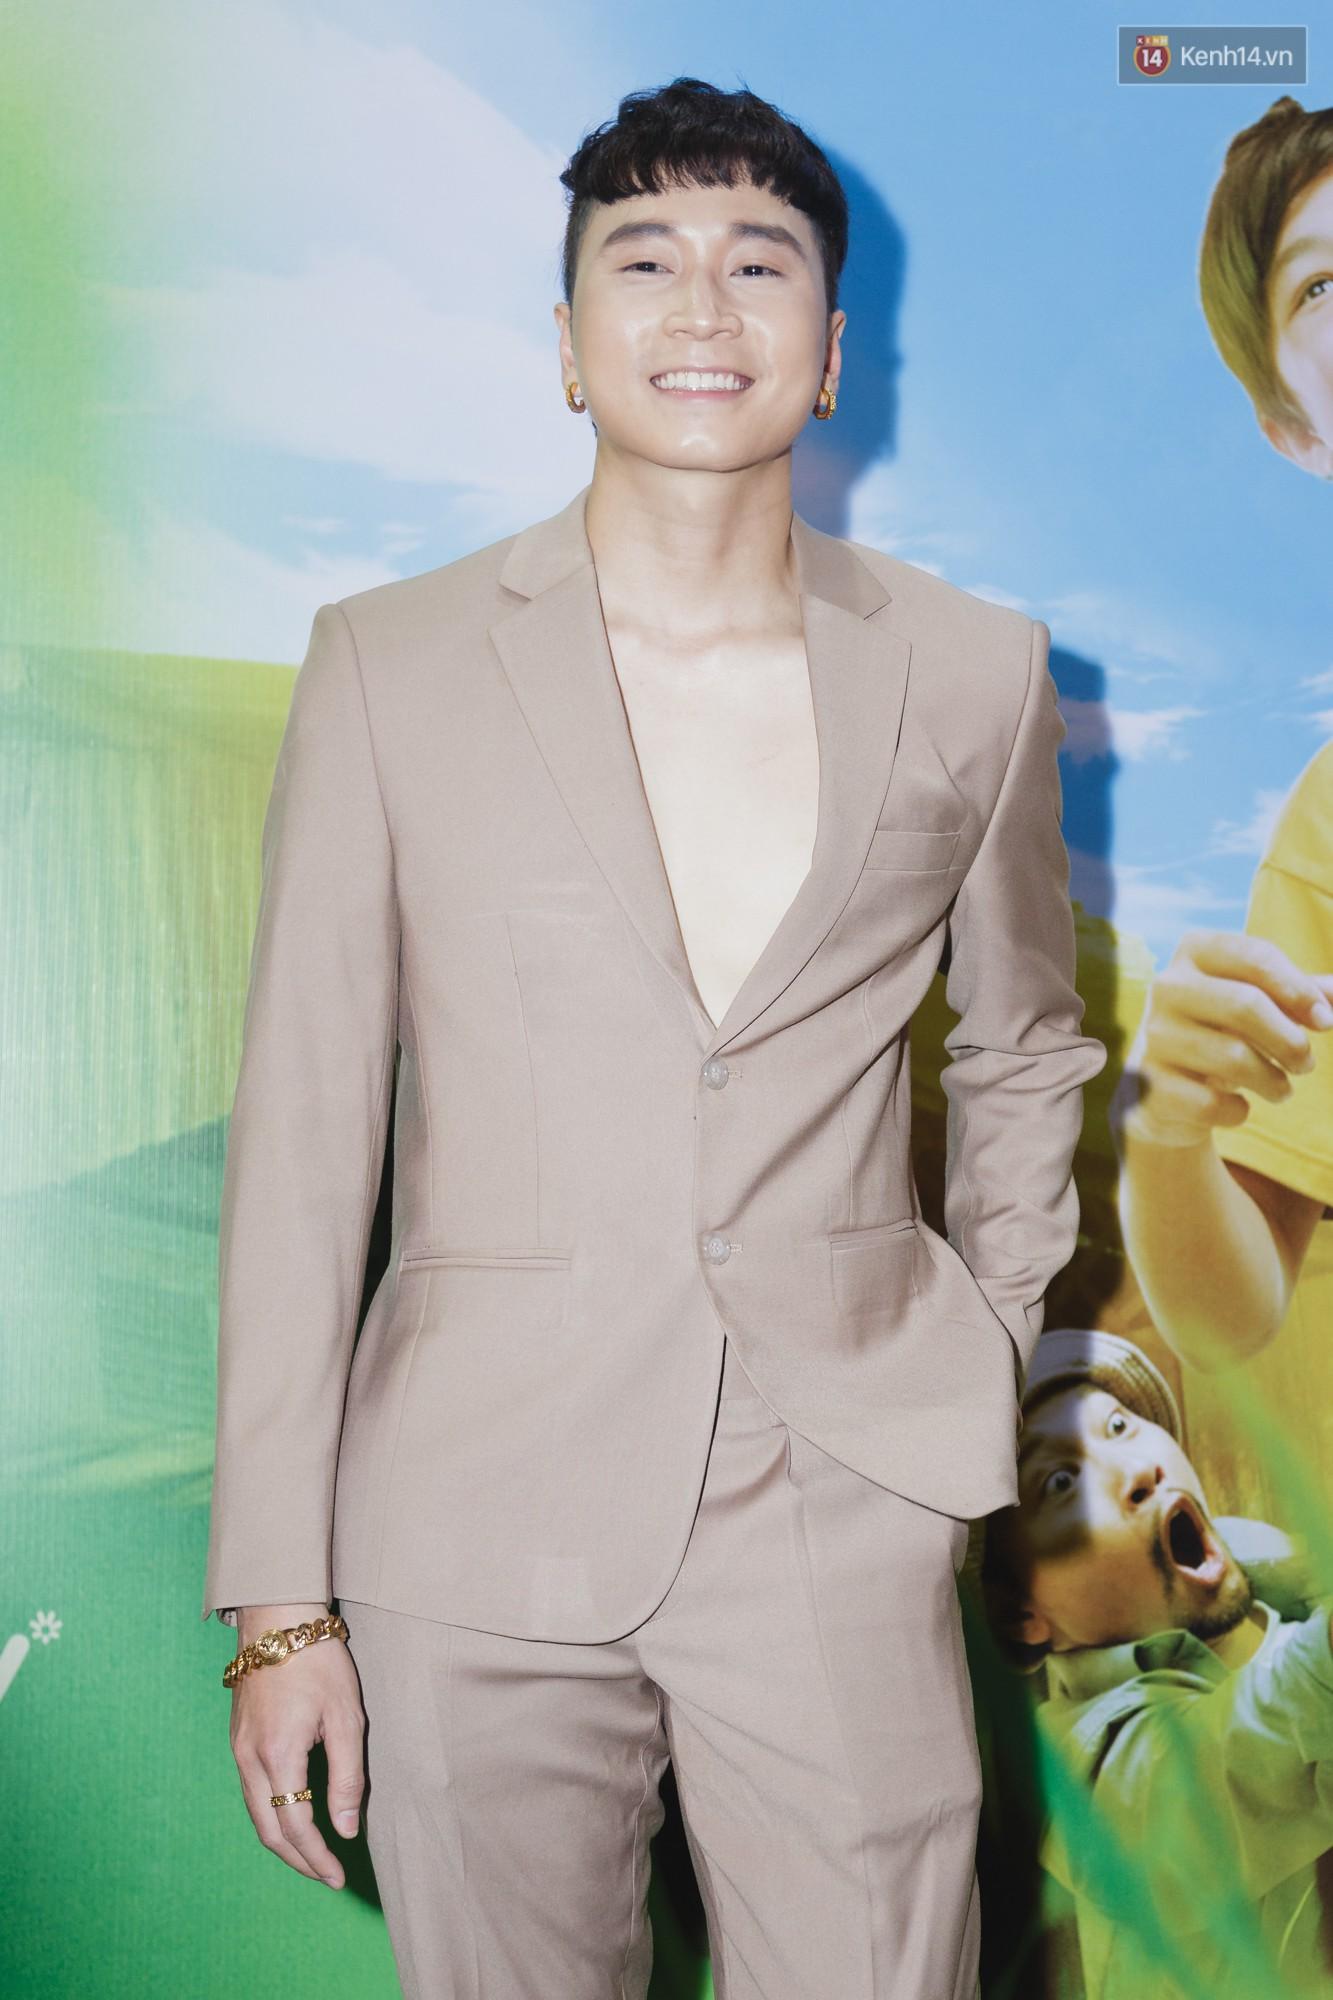 Kaity Nguyễn và Lâm Thanh Mỹ đọ sắc, người xinh như búp bê, người thanh lịch dịu dàng bên thảm đỏ ra mắt phim - Ảnh 18.